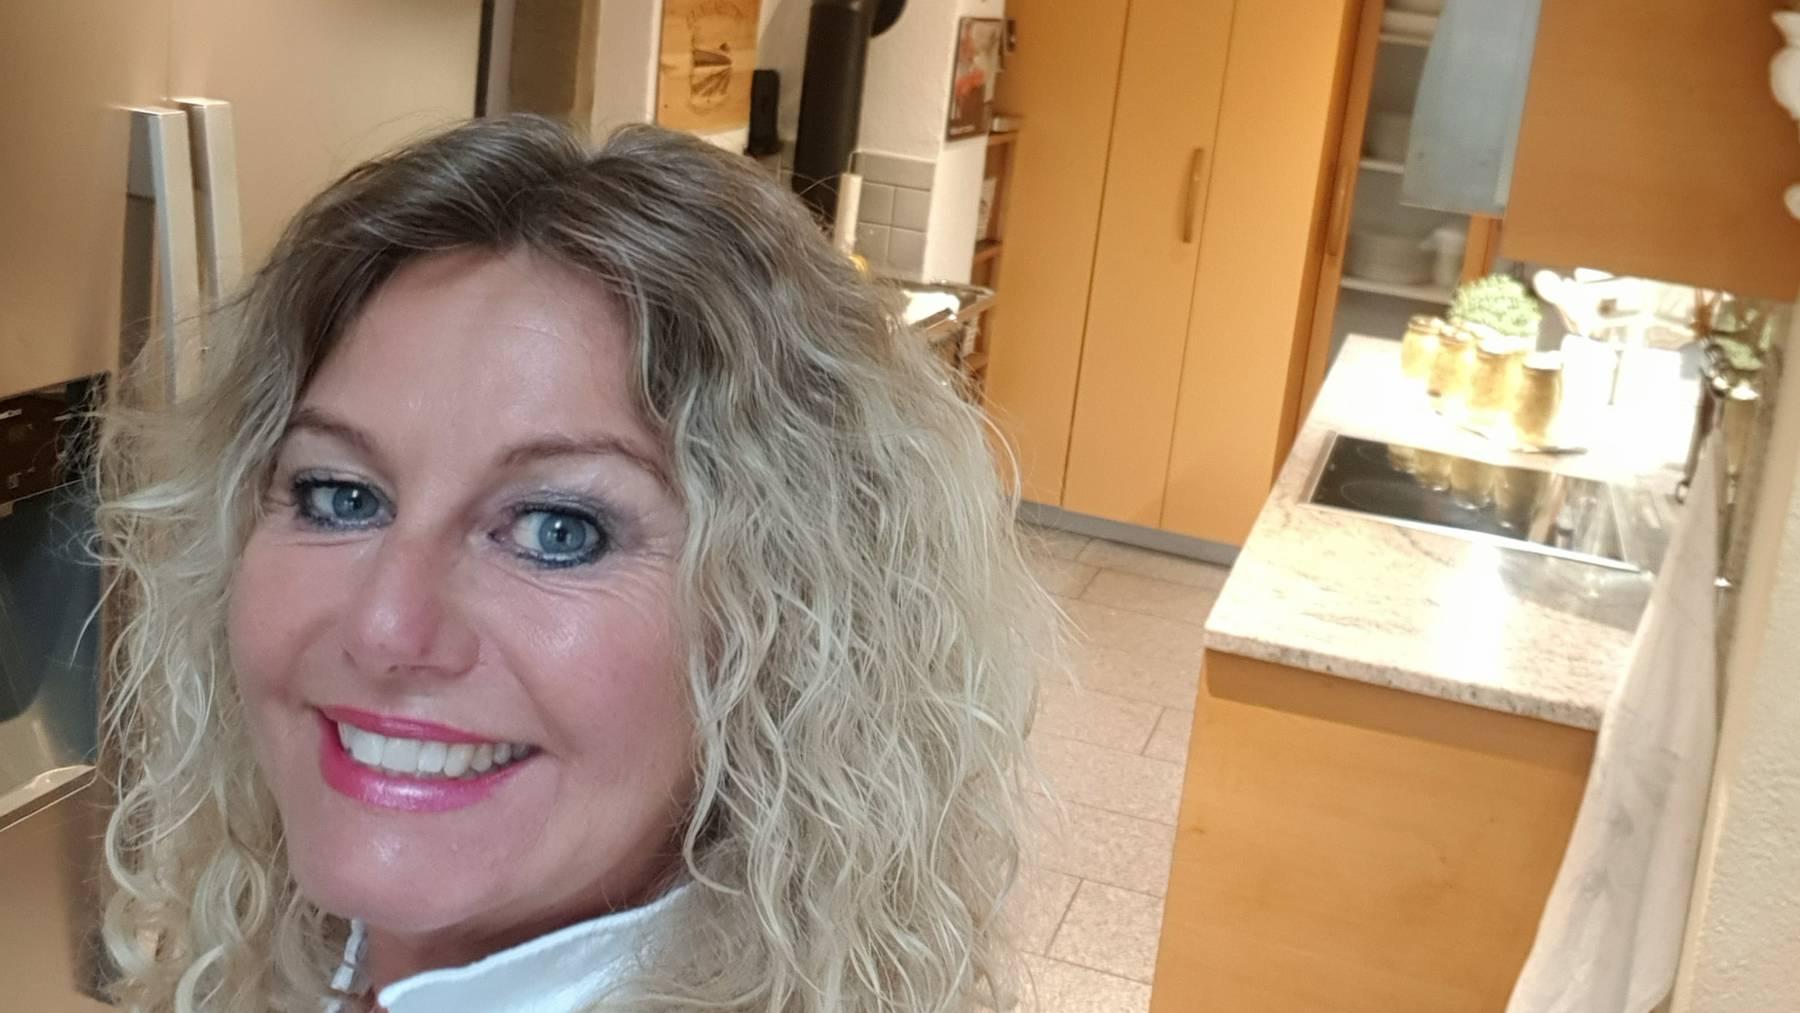 Sonja Cerretti aus Ebikon